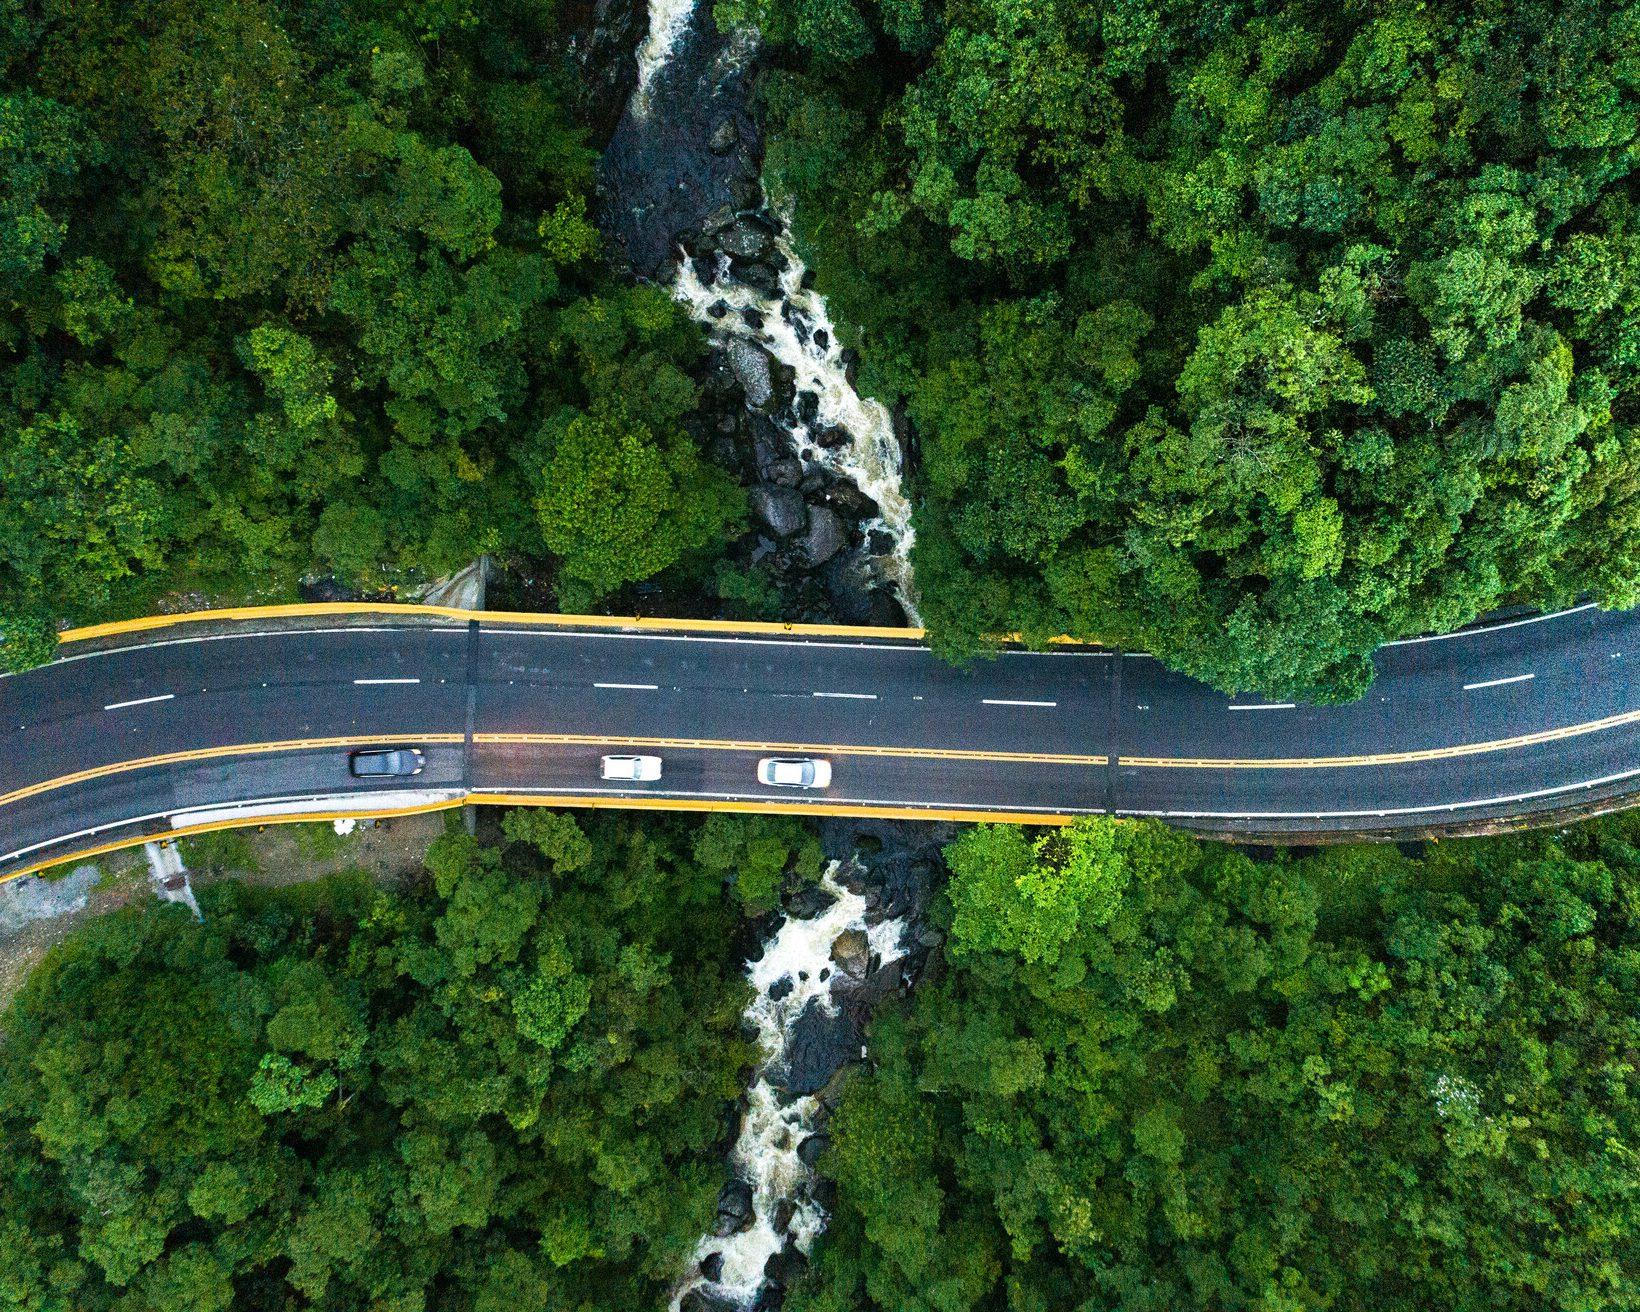 momondo dezvăluie care sunt cele mai bune țări din Europa pentru o călătorie cu mașina